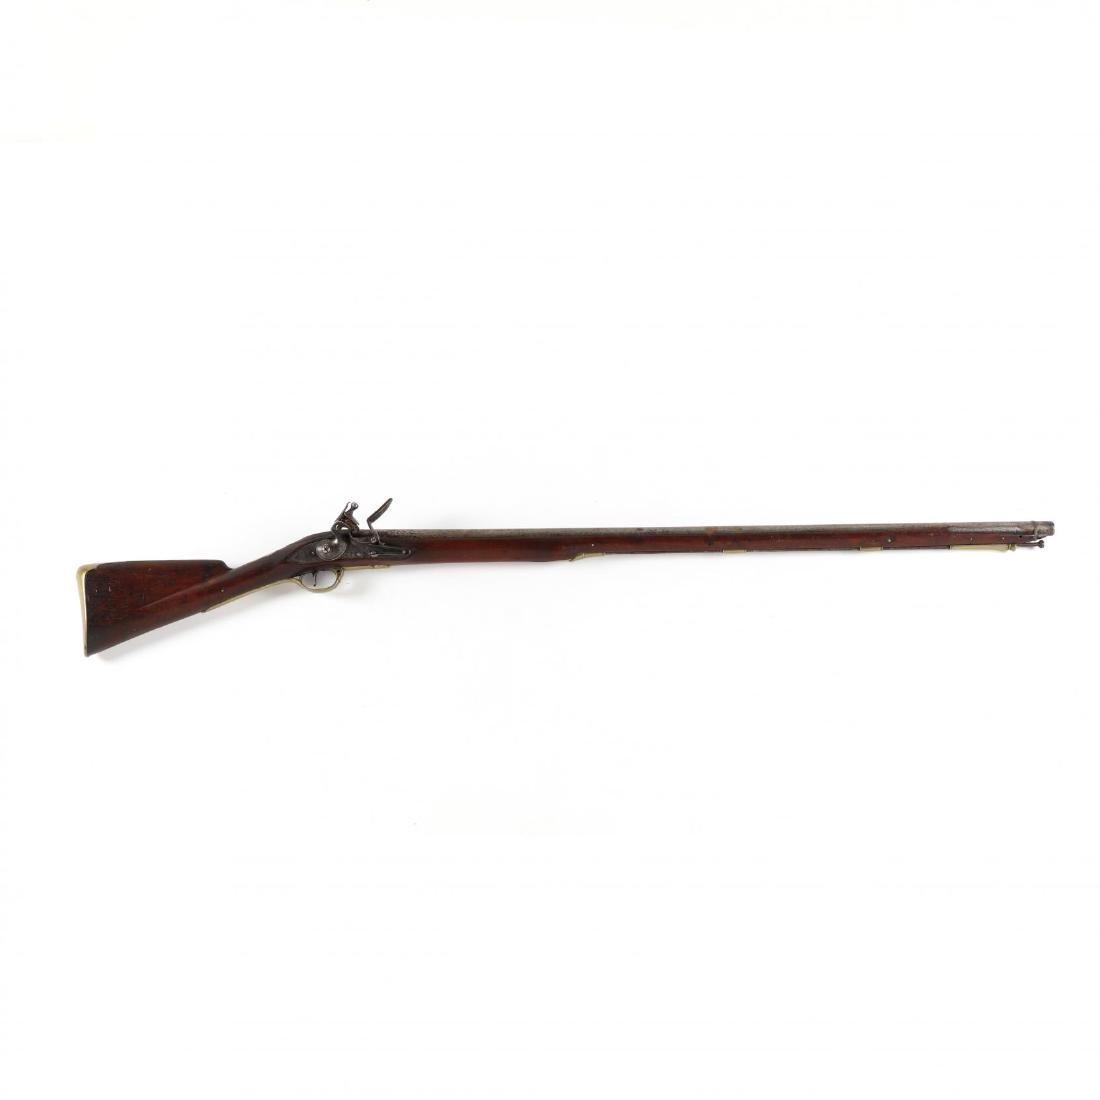 British Land Pattern Brown Bess Flintlock Musket